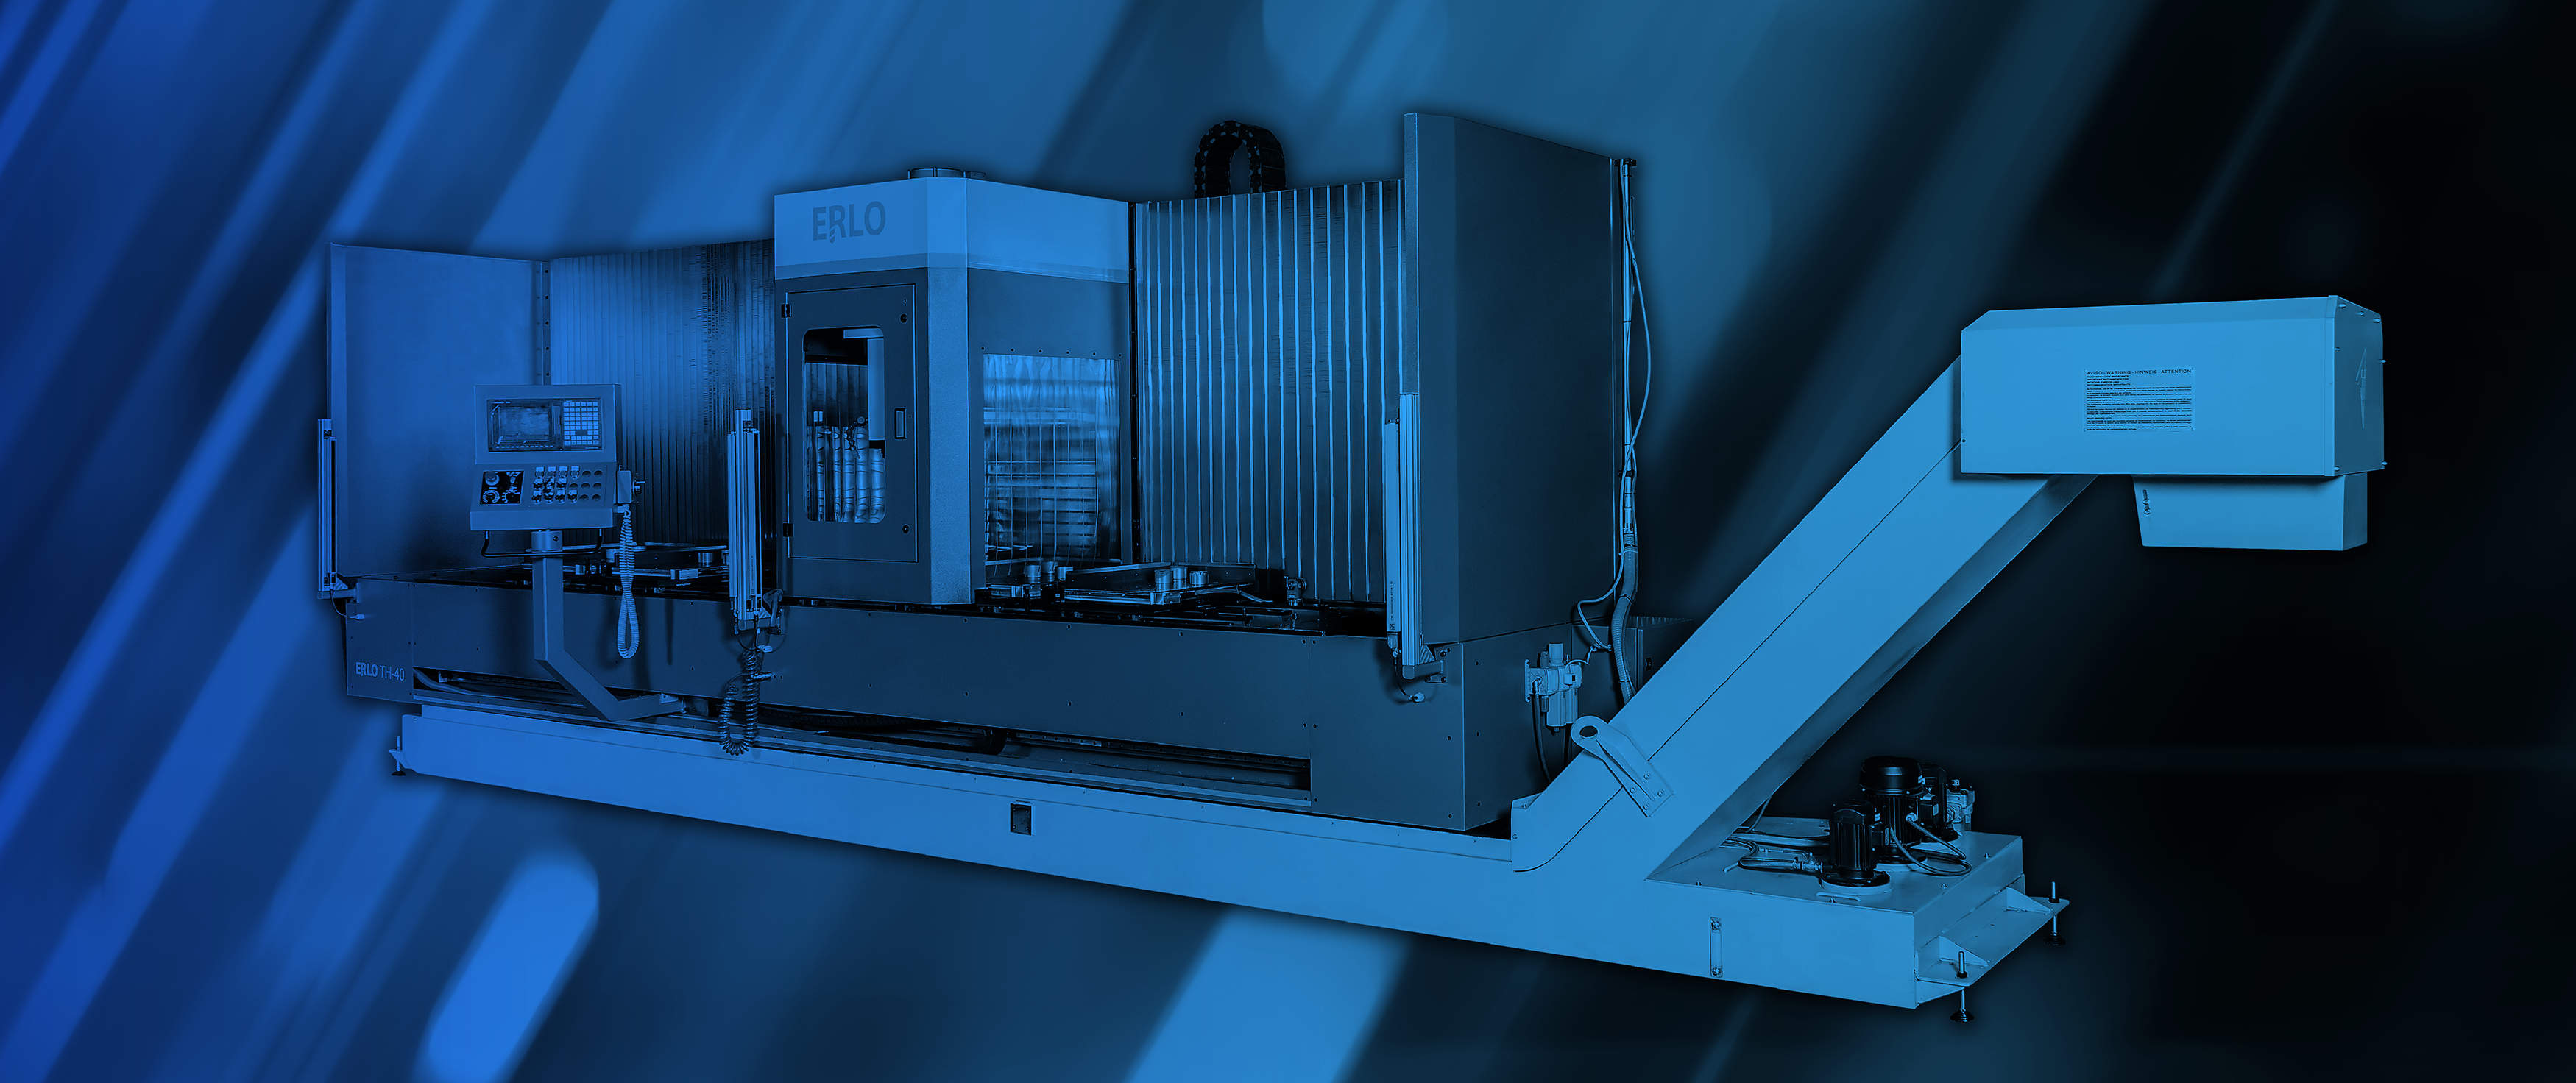 En Erlo Group somos especialistas en maquinaria industrial de taladrado, roscado y fresado.